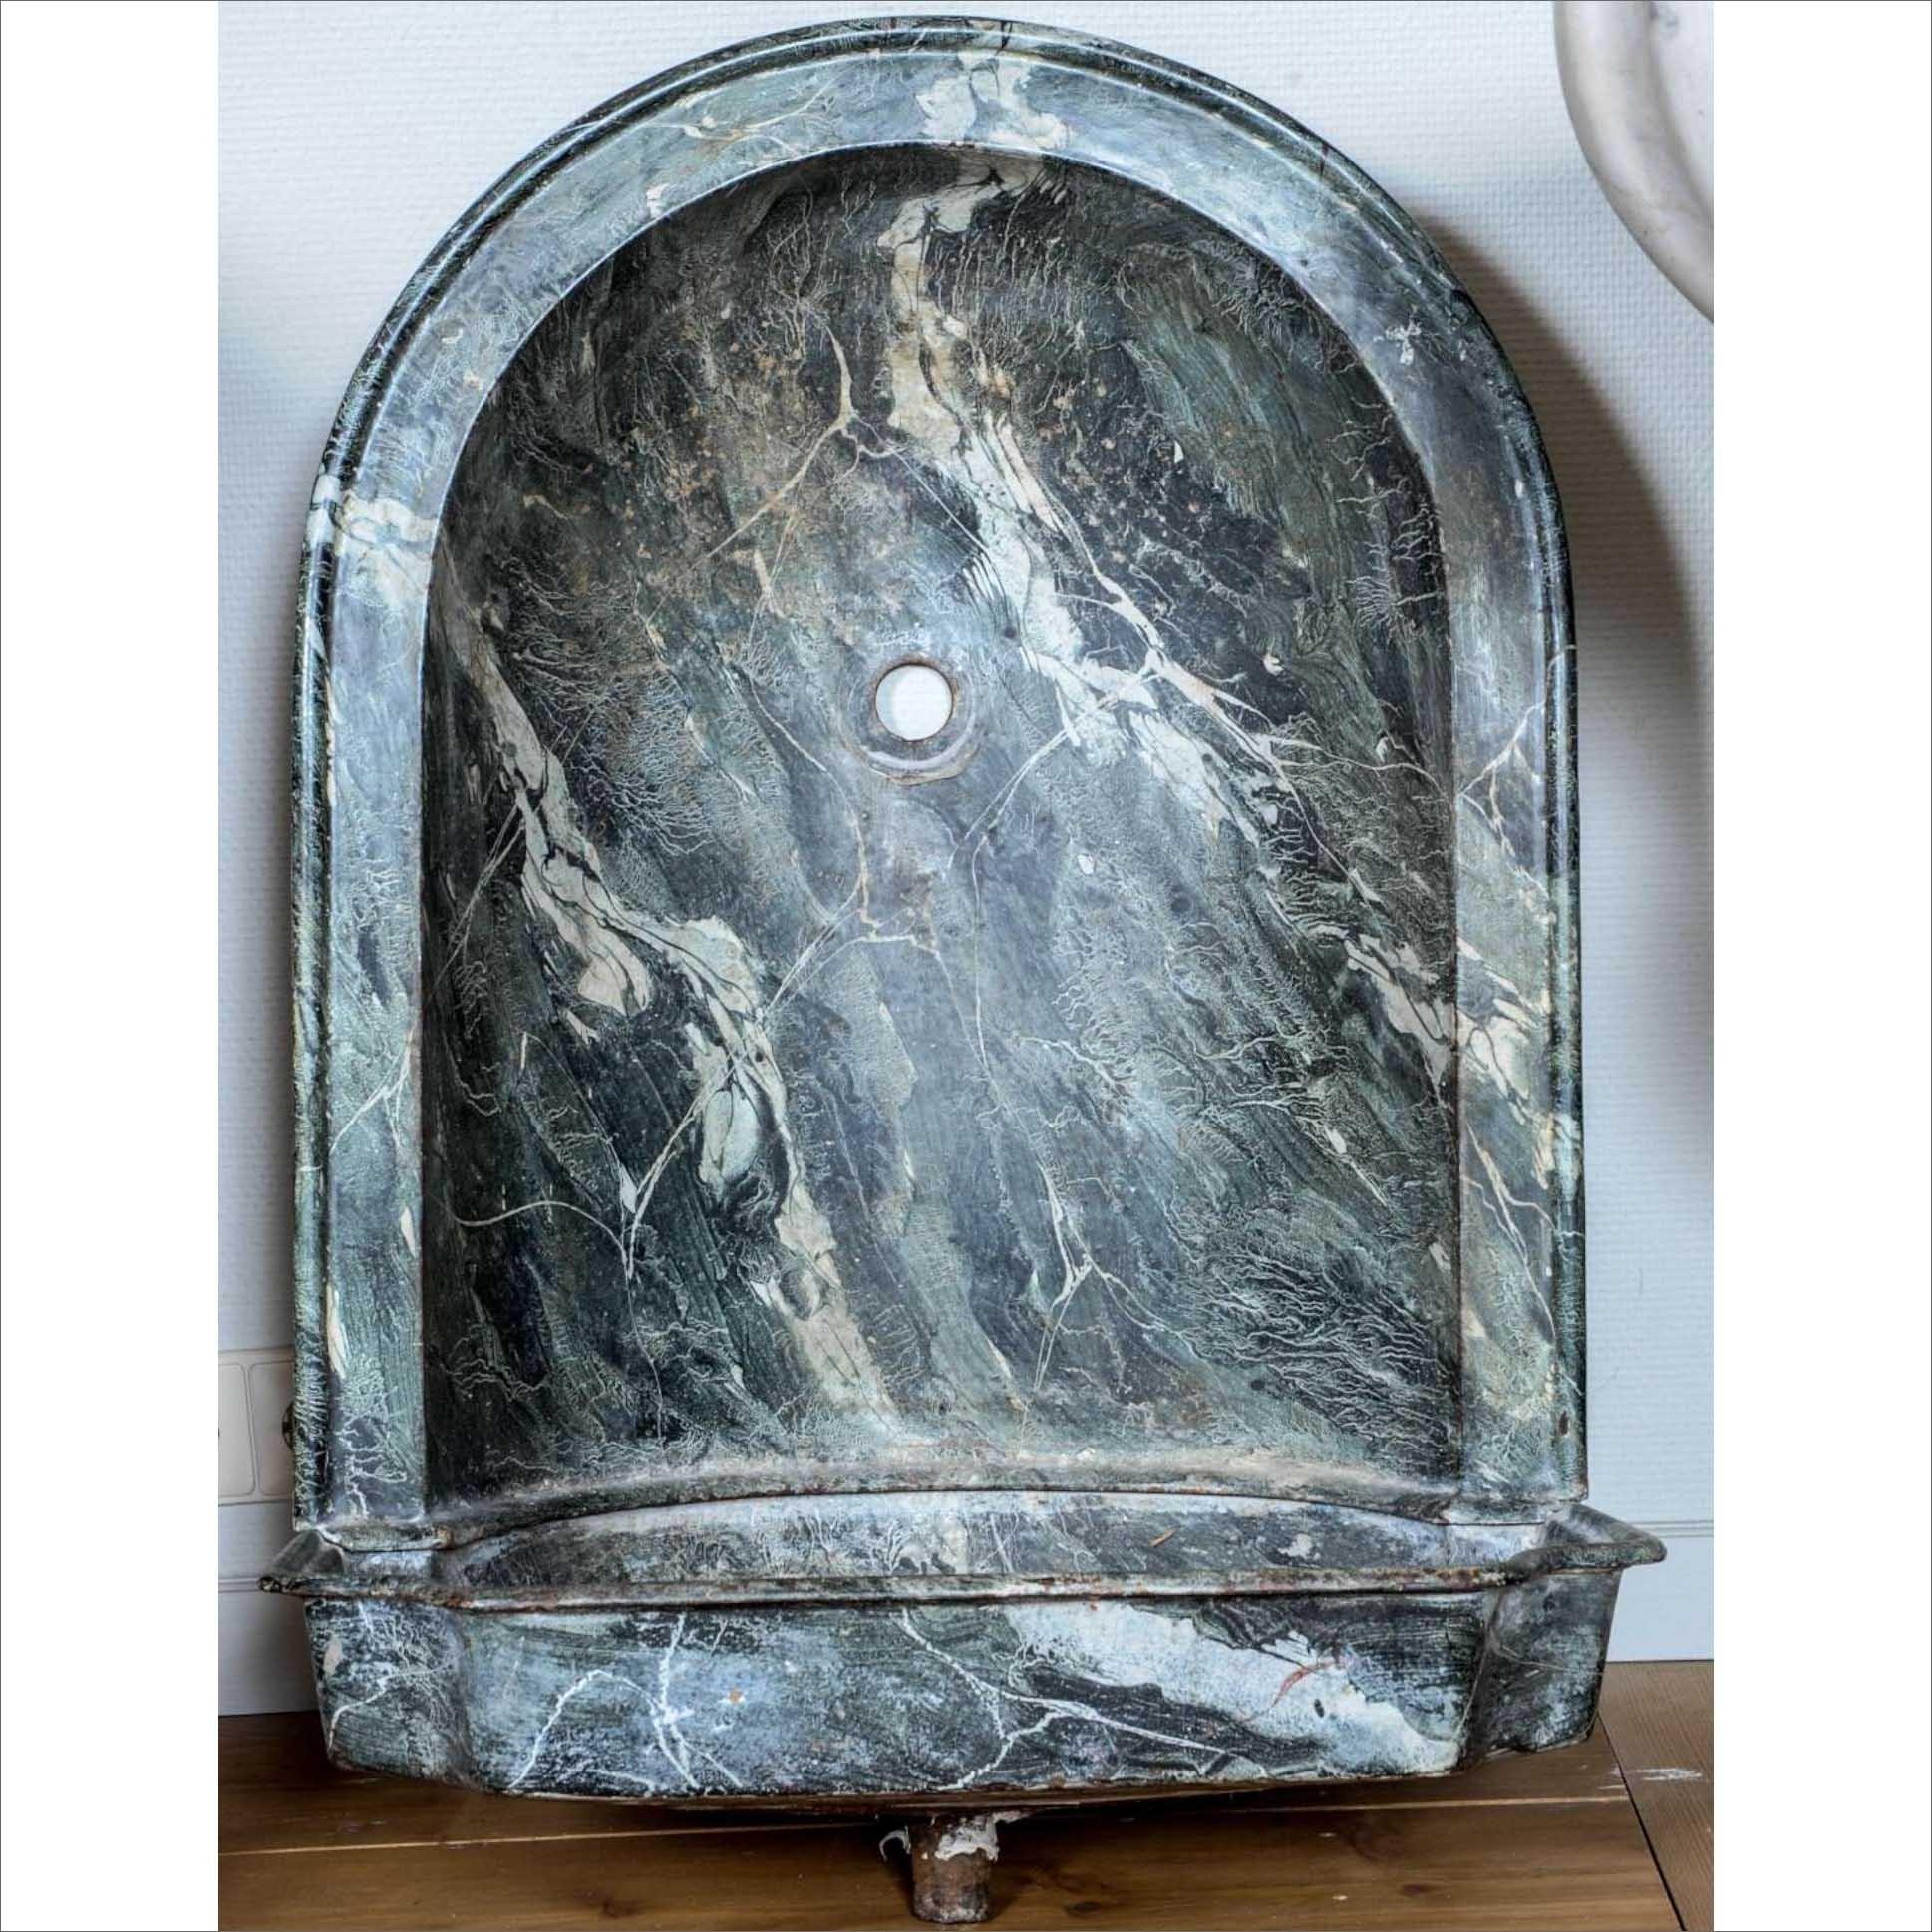 Gusseisenen marmorierte Waschbecken